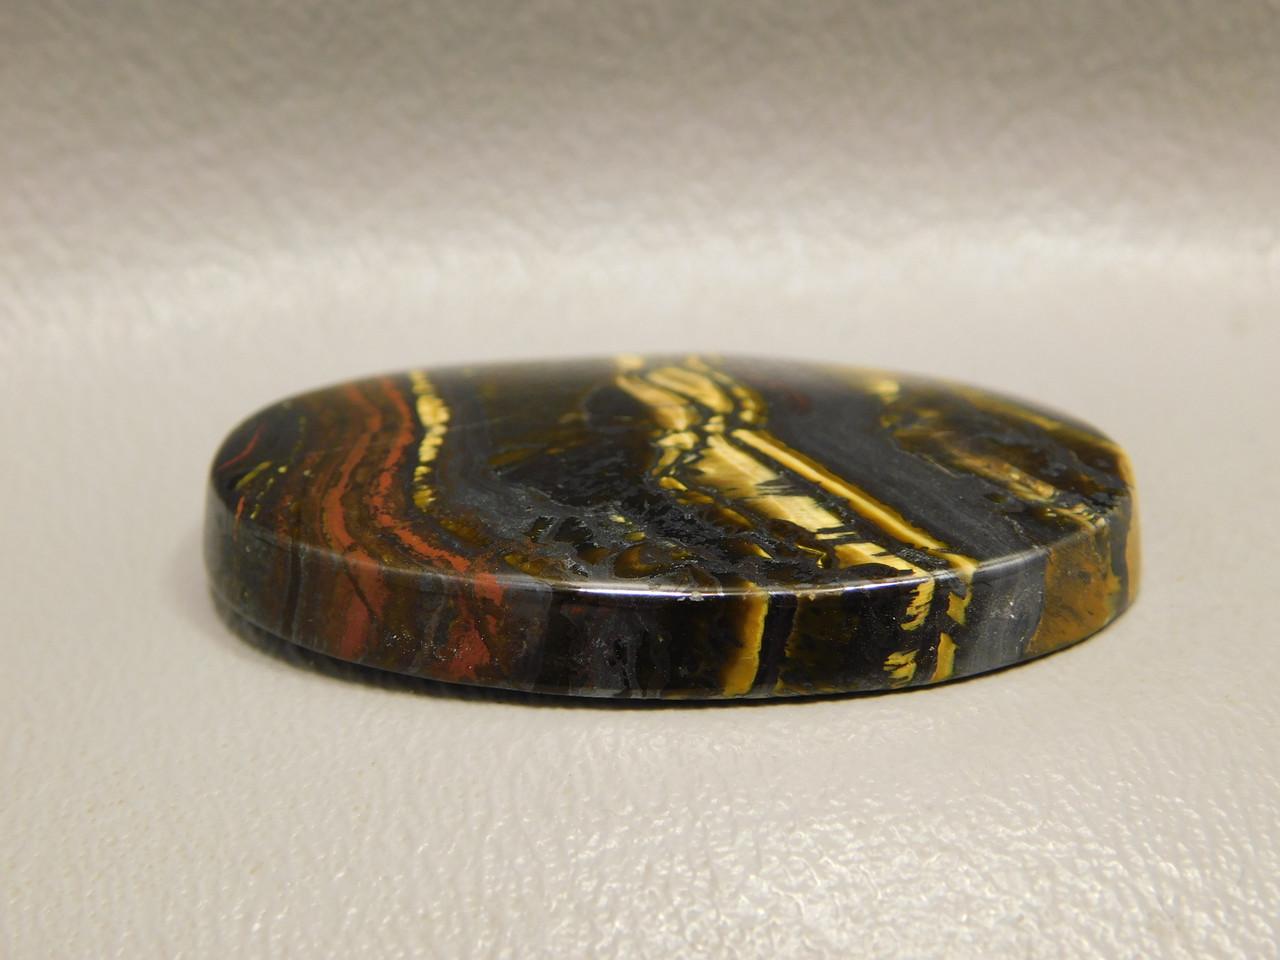 Tiger Iron Golden Chatoyant Semiprecious Stone Designer Cabochon #19